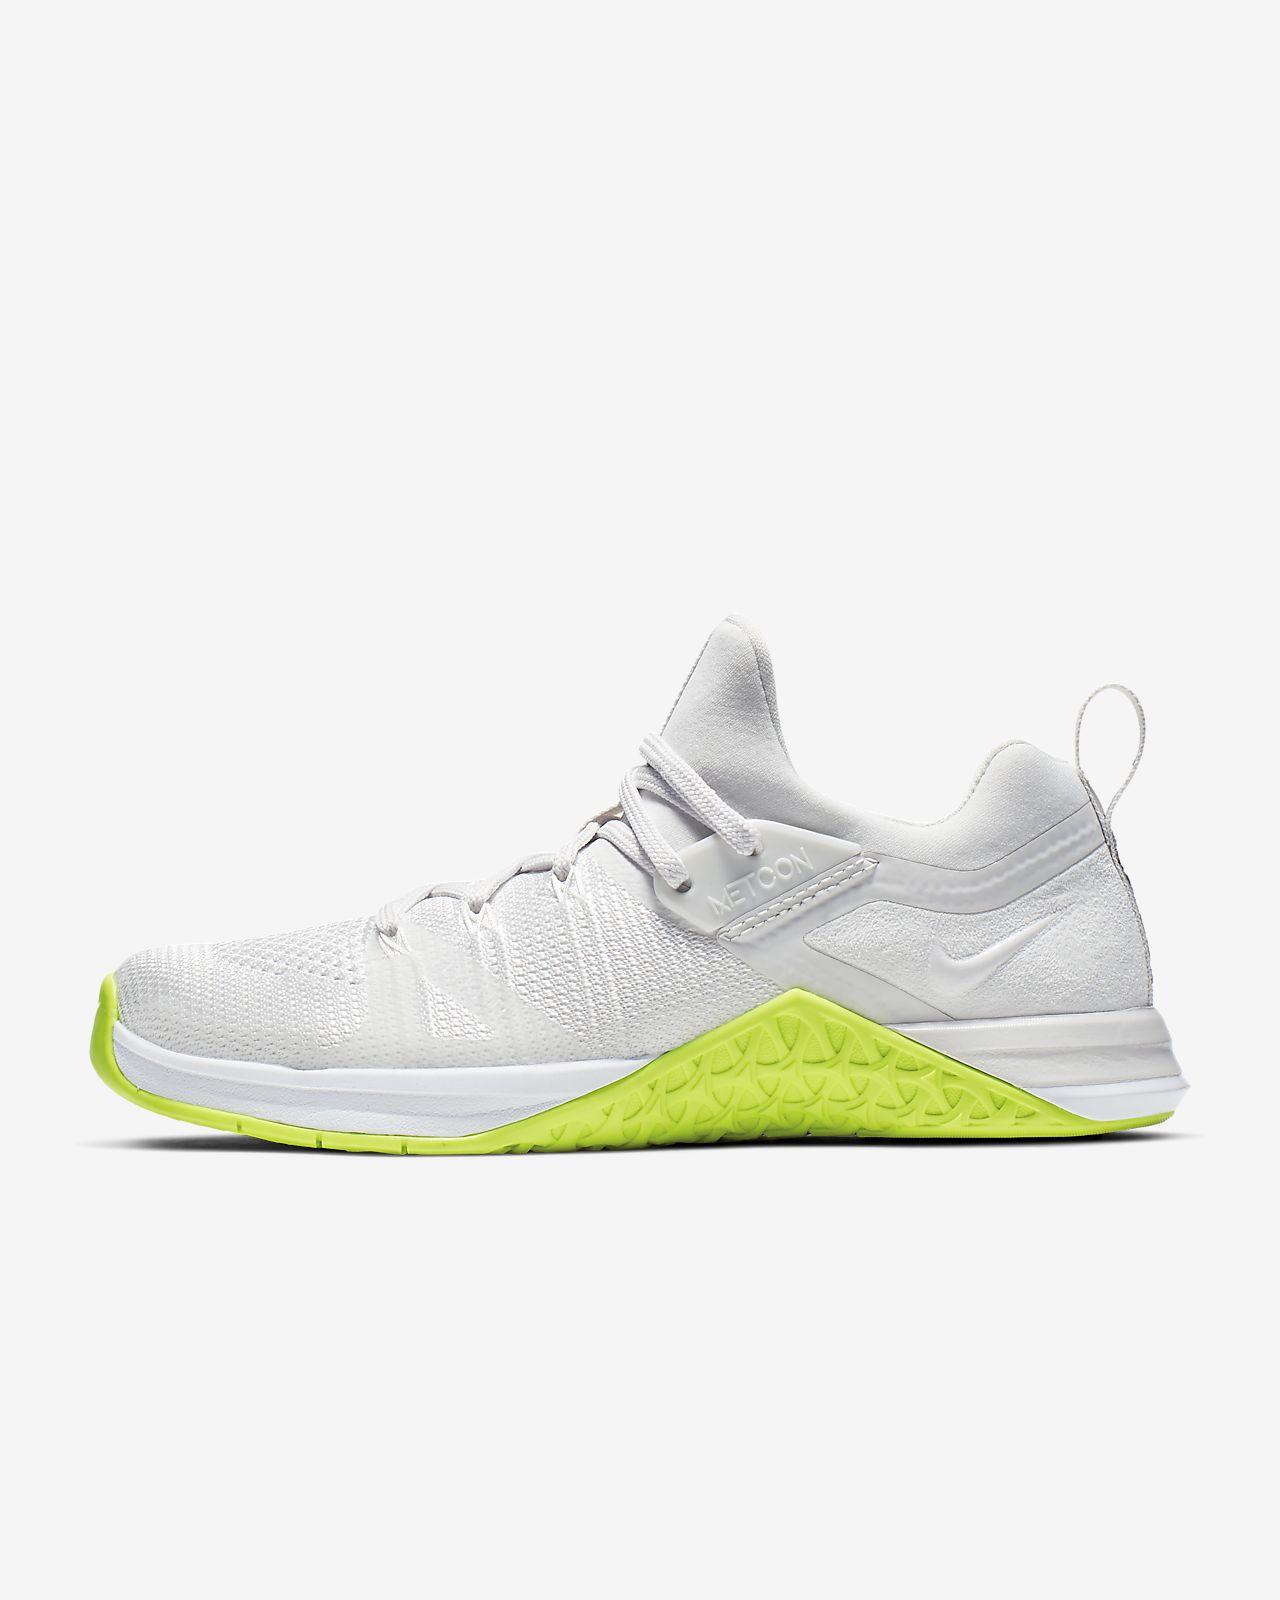 Renforcement Nike Training De Chaussure Cross Et Musculaire zIqnaH